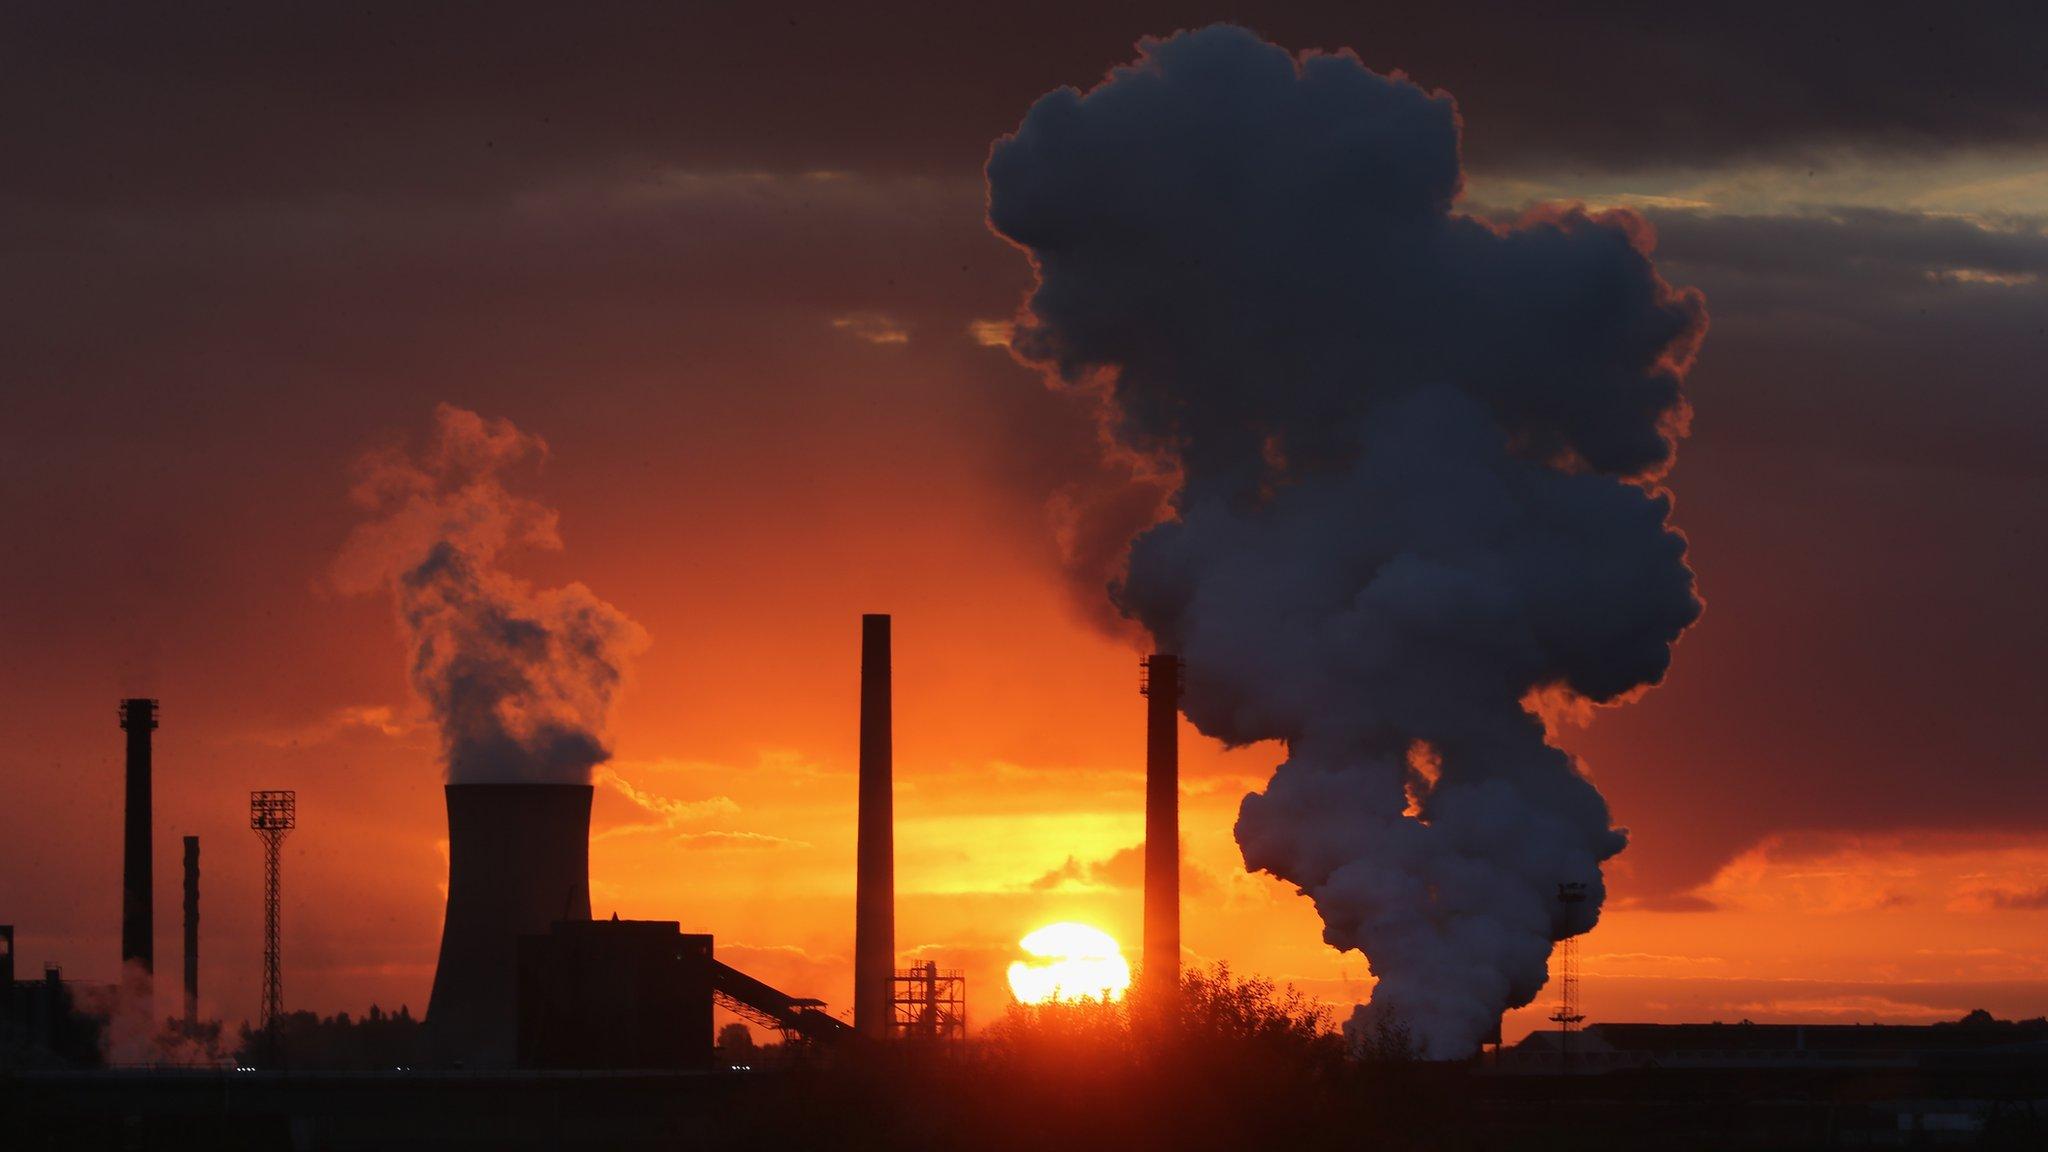 Theresa May announces new environment bill